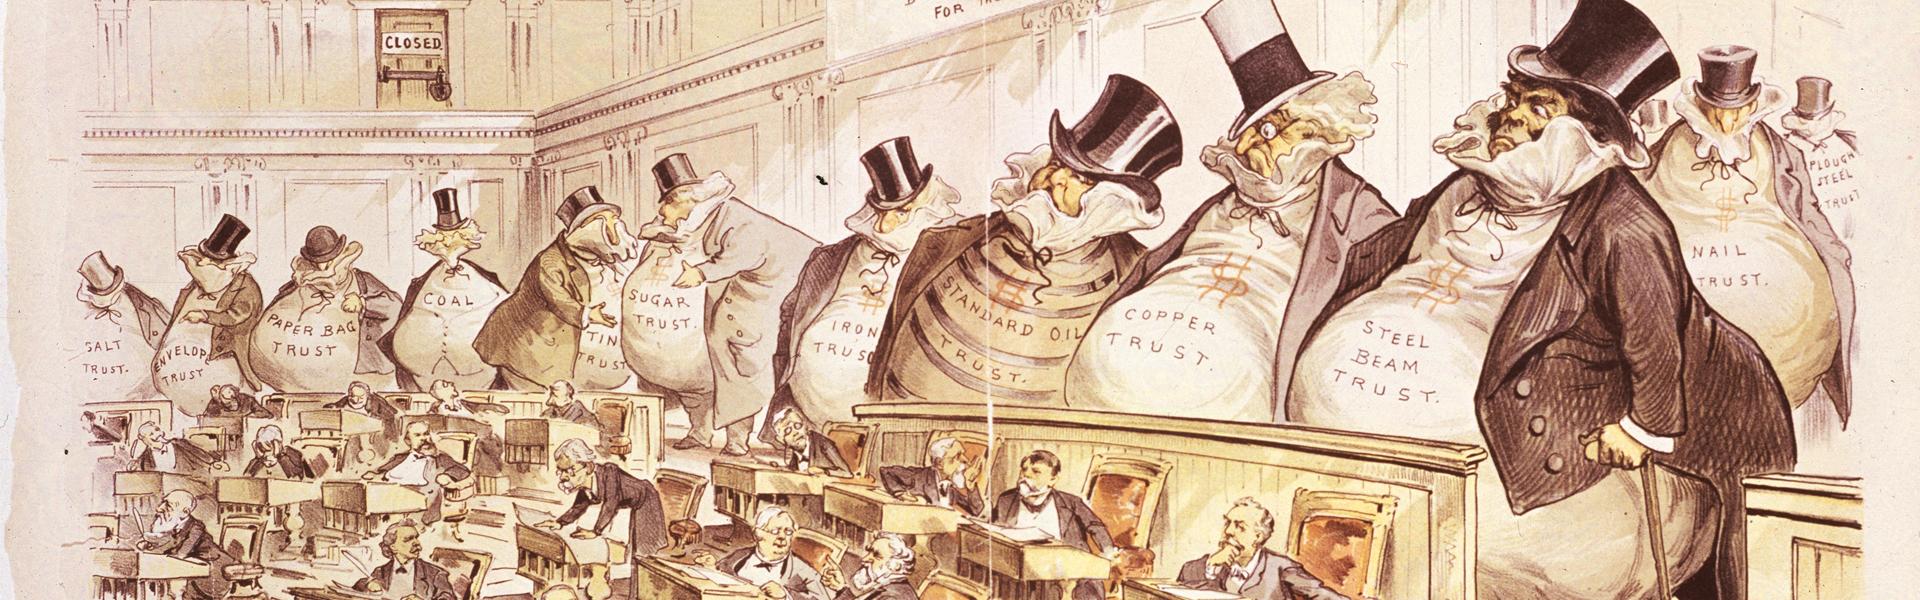 Демократия и выборы как институты или «Что нам  проку в Демократии»?